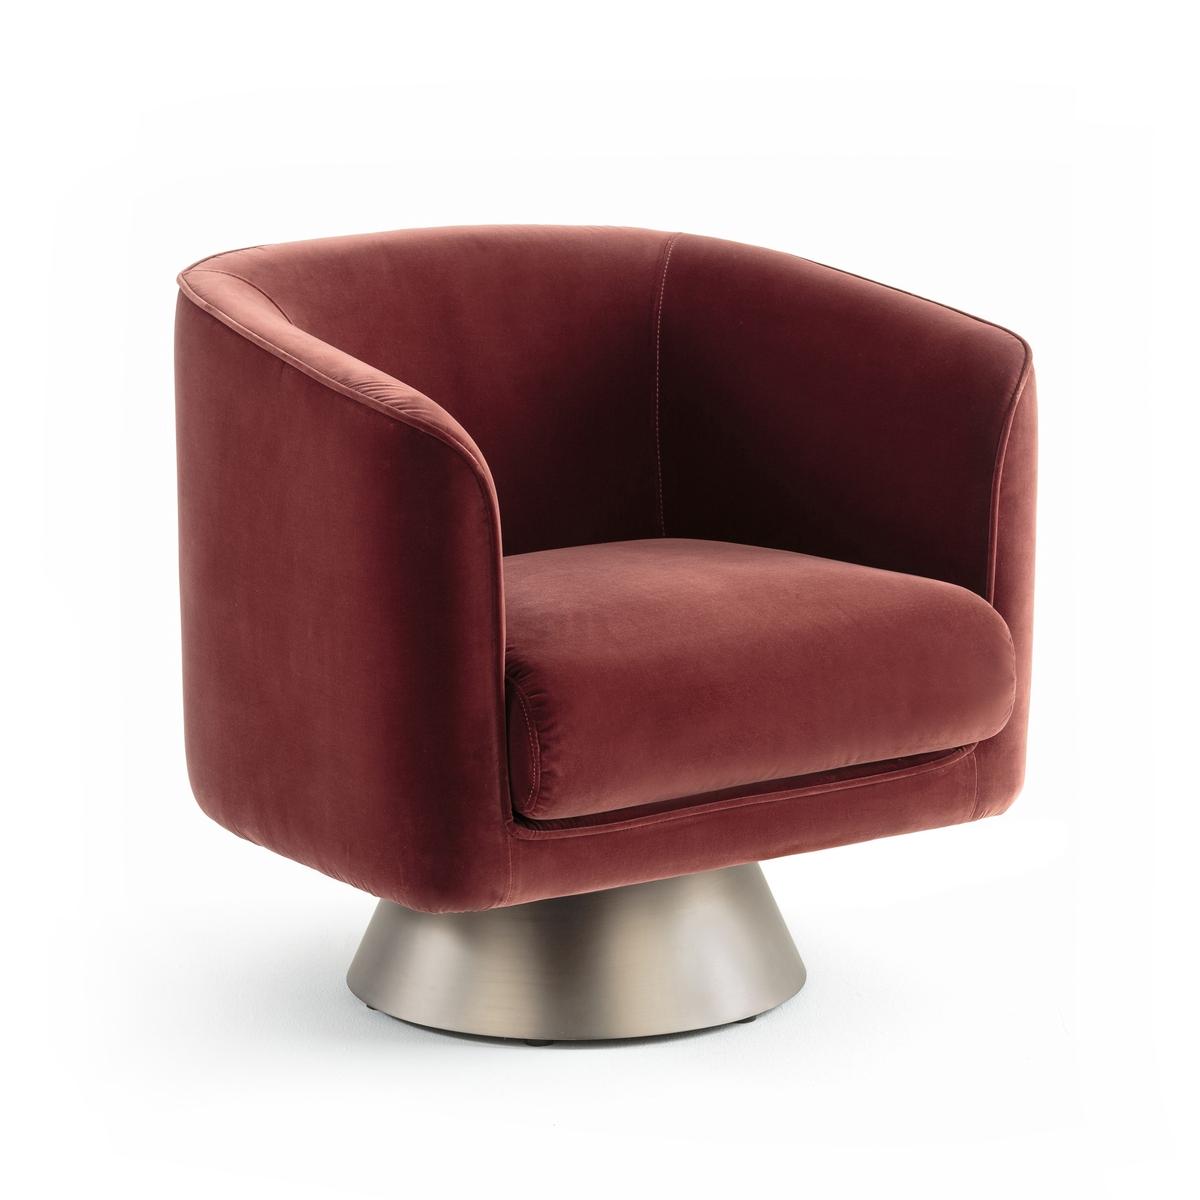 Кресло LaRedoute Вращающееся Austin единый размер каштановый